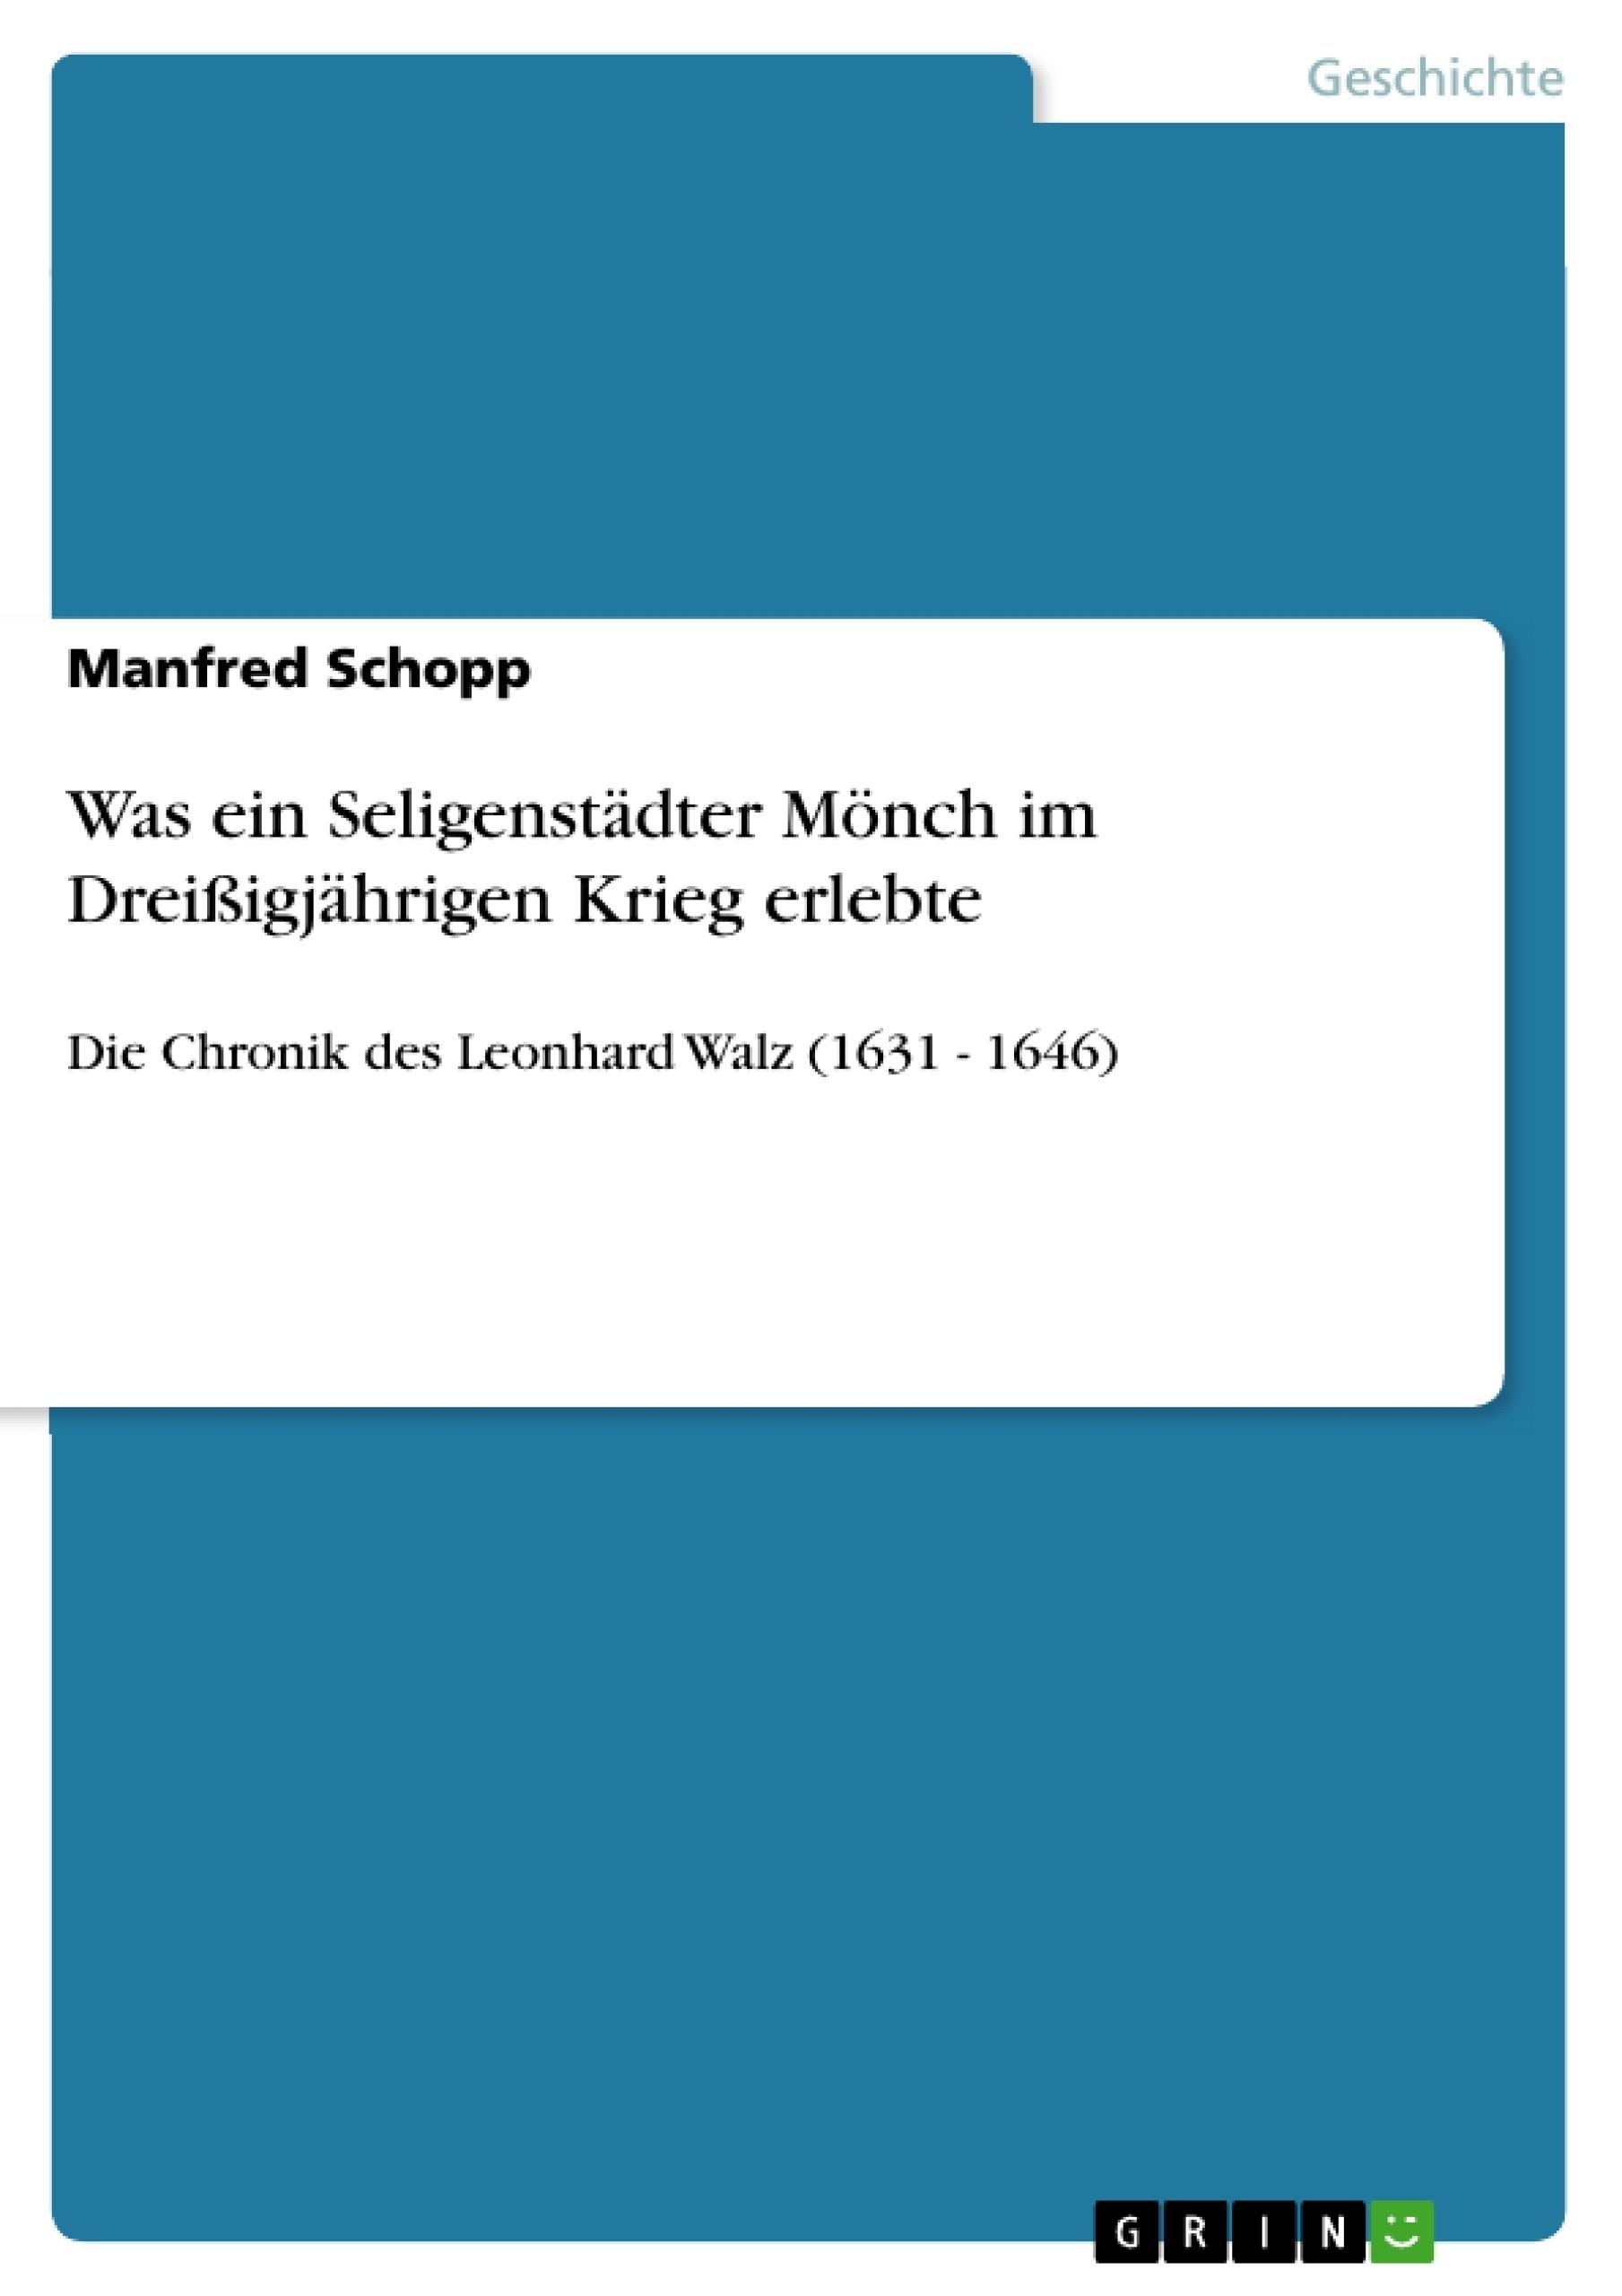 Titel: Was ein Seligenstädter Mönch im Dreißigjährigen Krieg erlebte